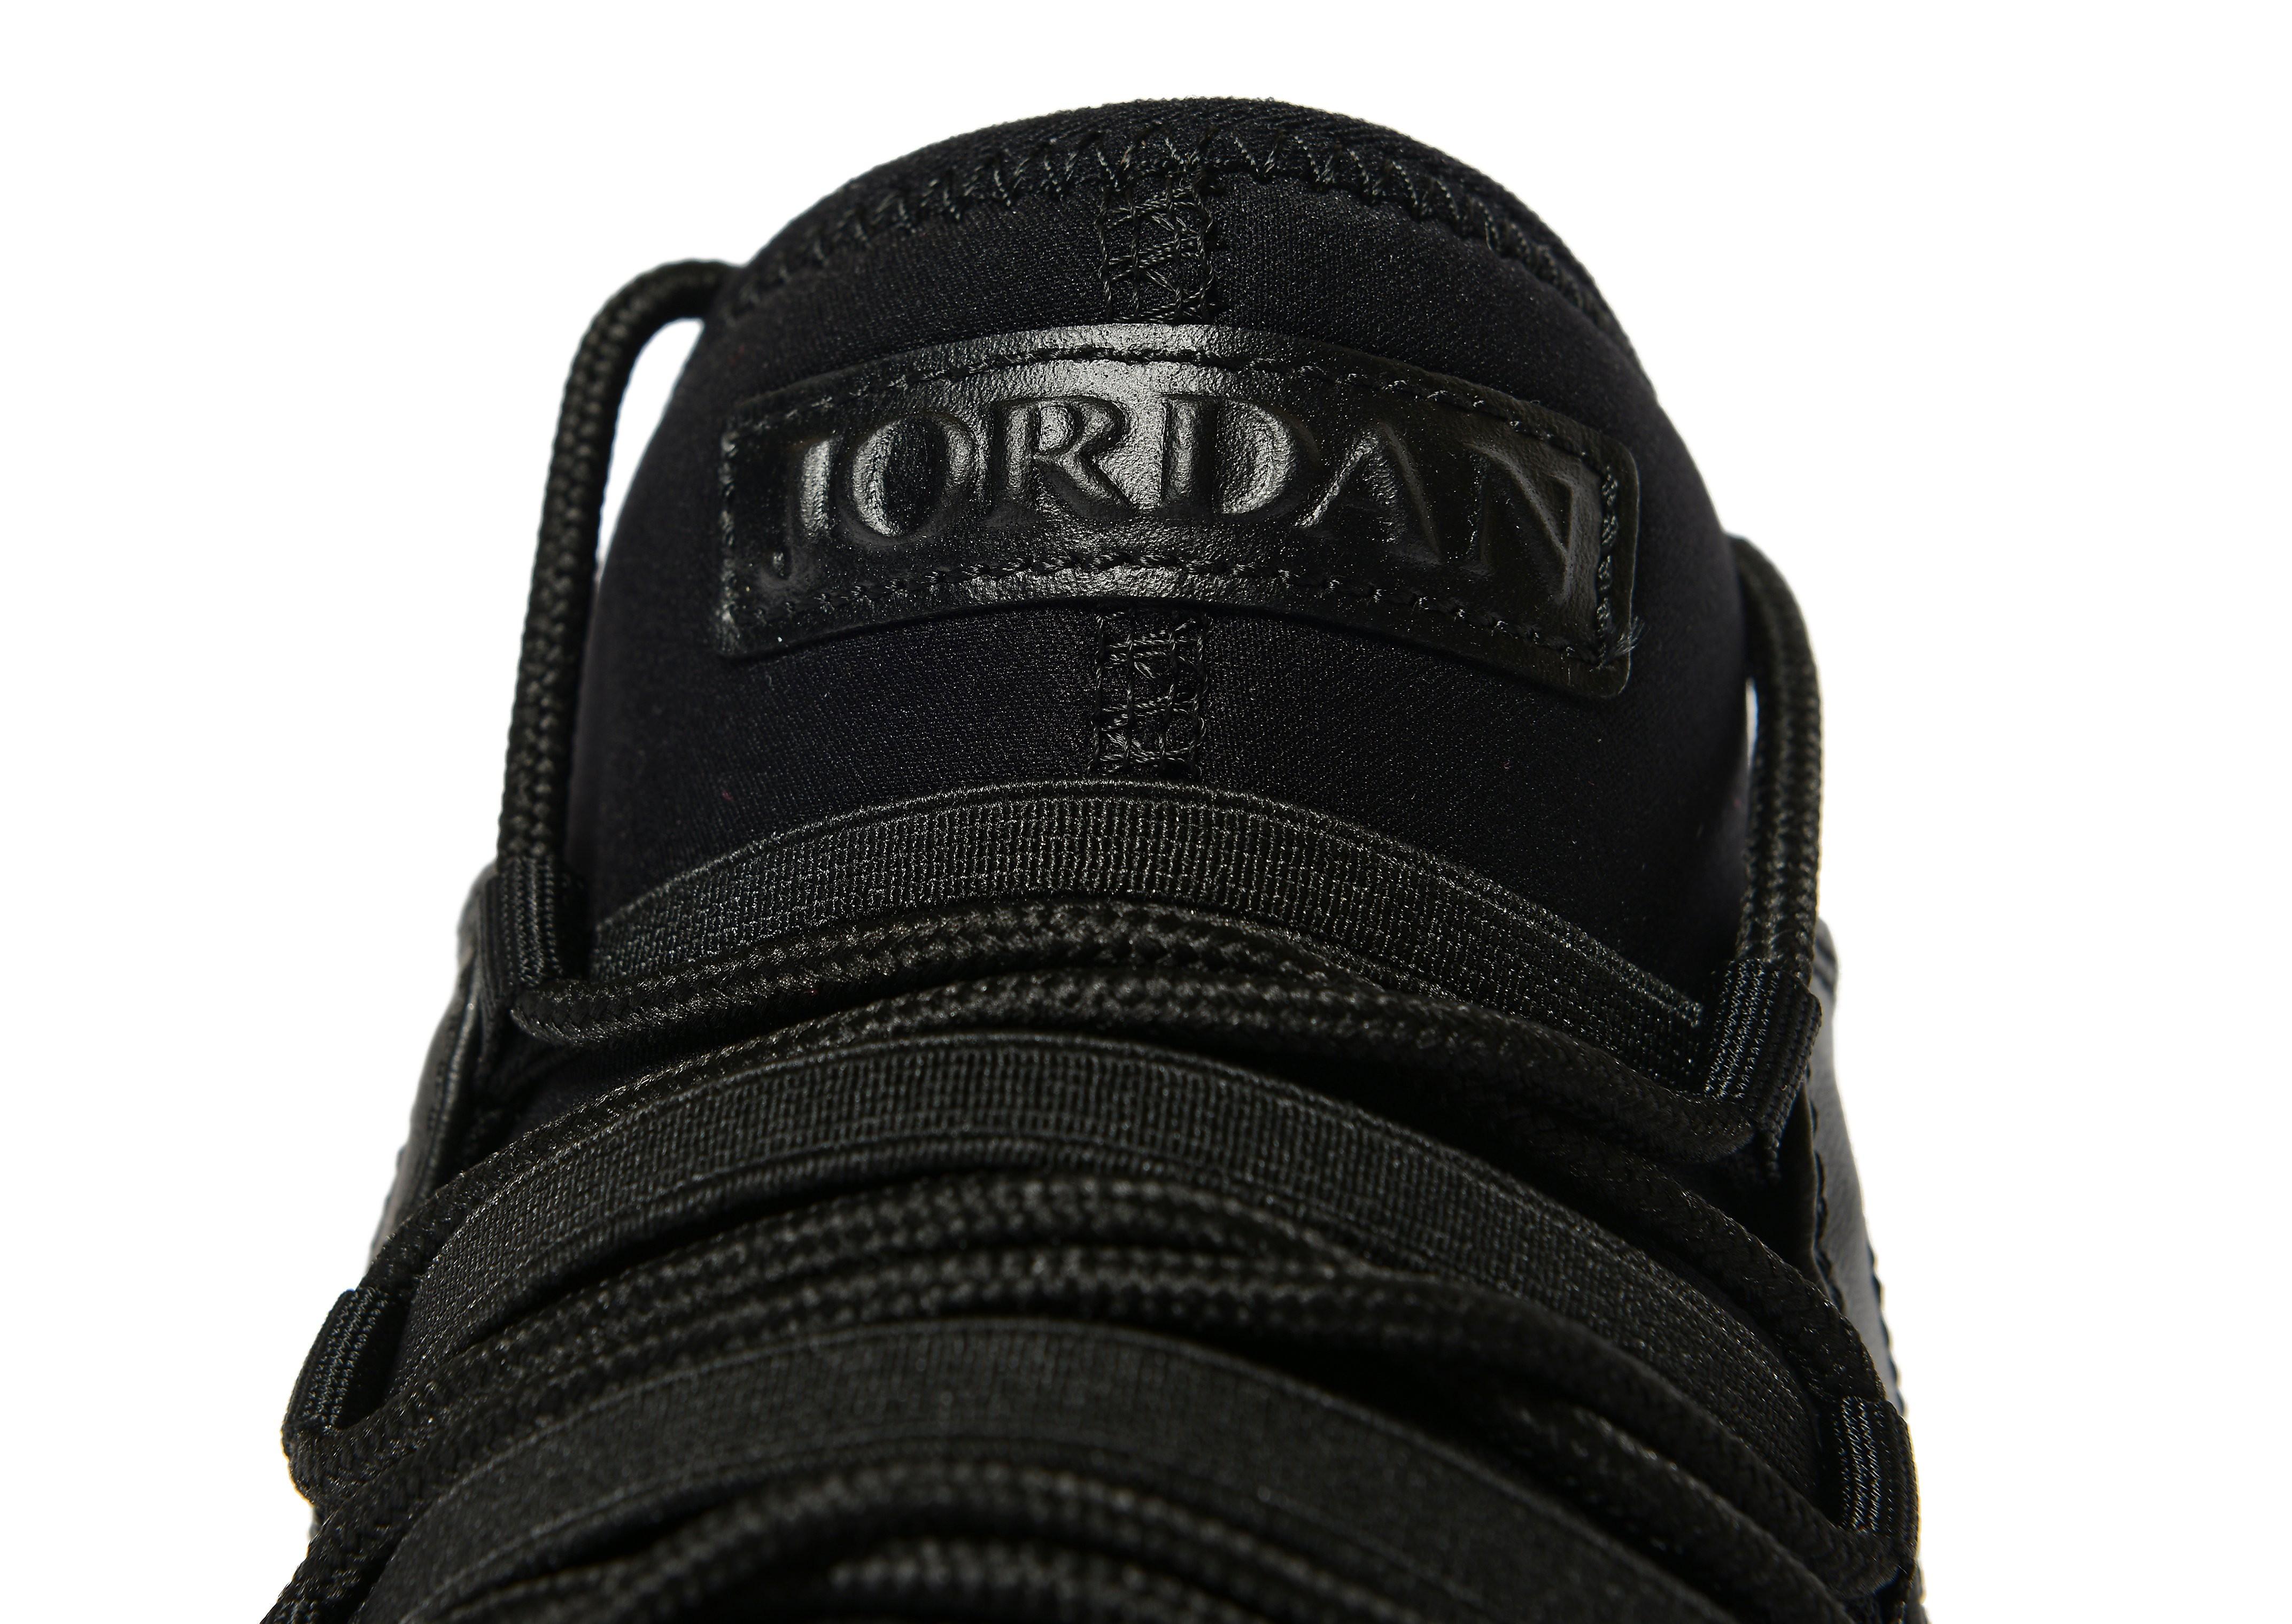 Jordan Jordan Formula 23